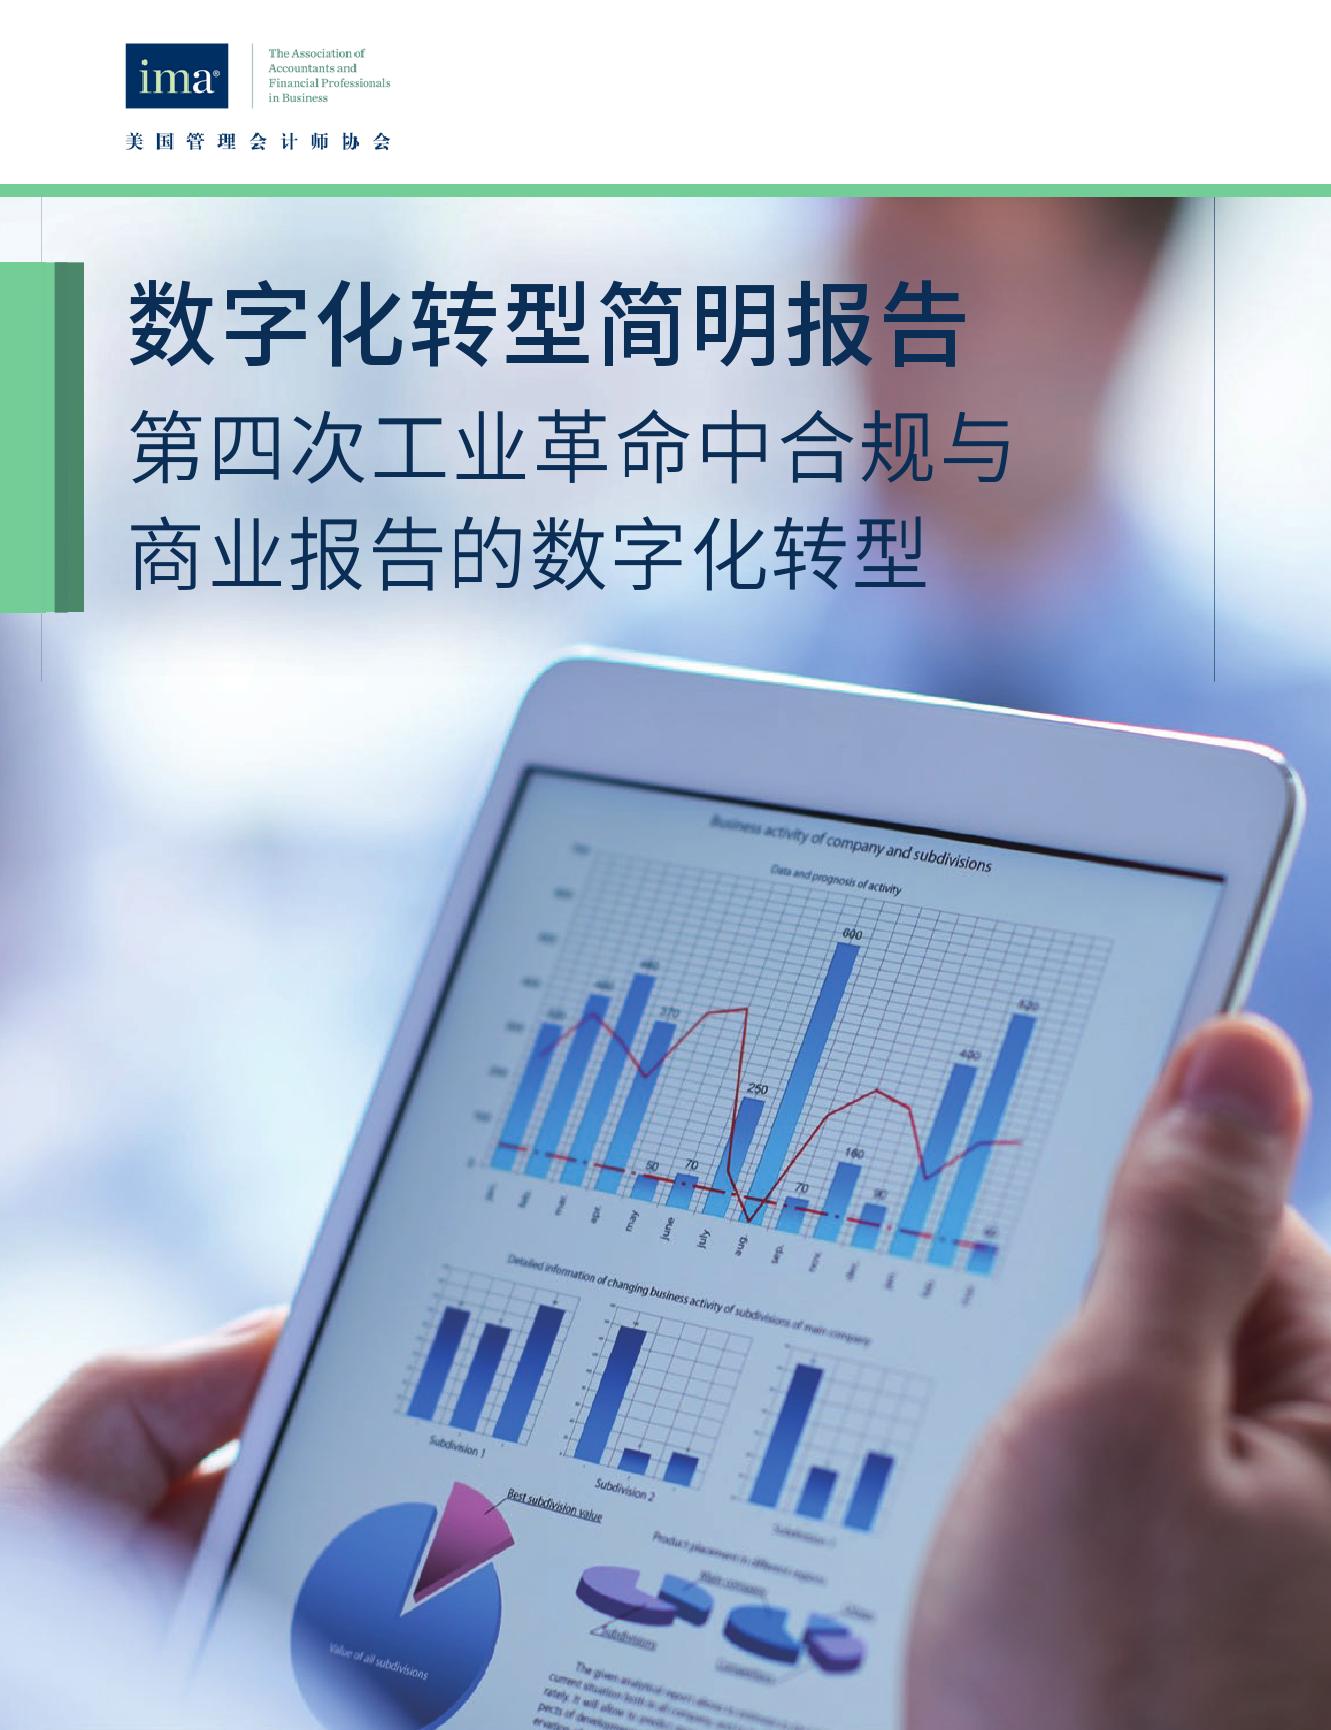 数字化转型简明报告: 第四次工业革命中合规与商业报告的数字化转型(附下载)